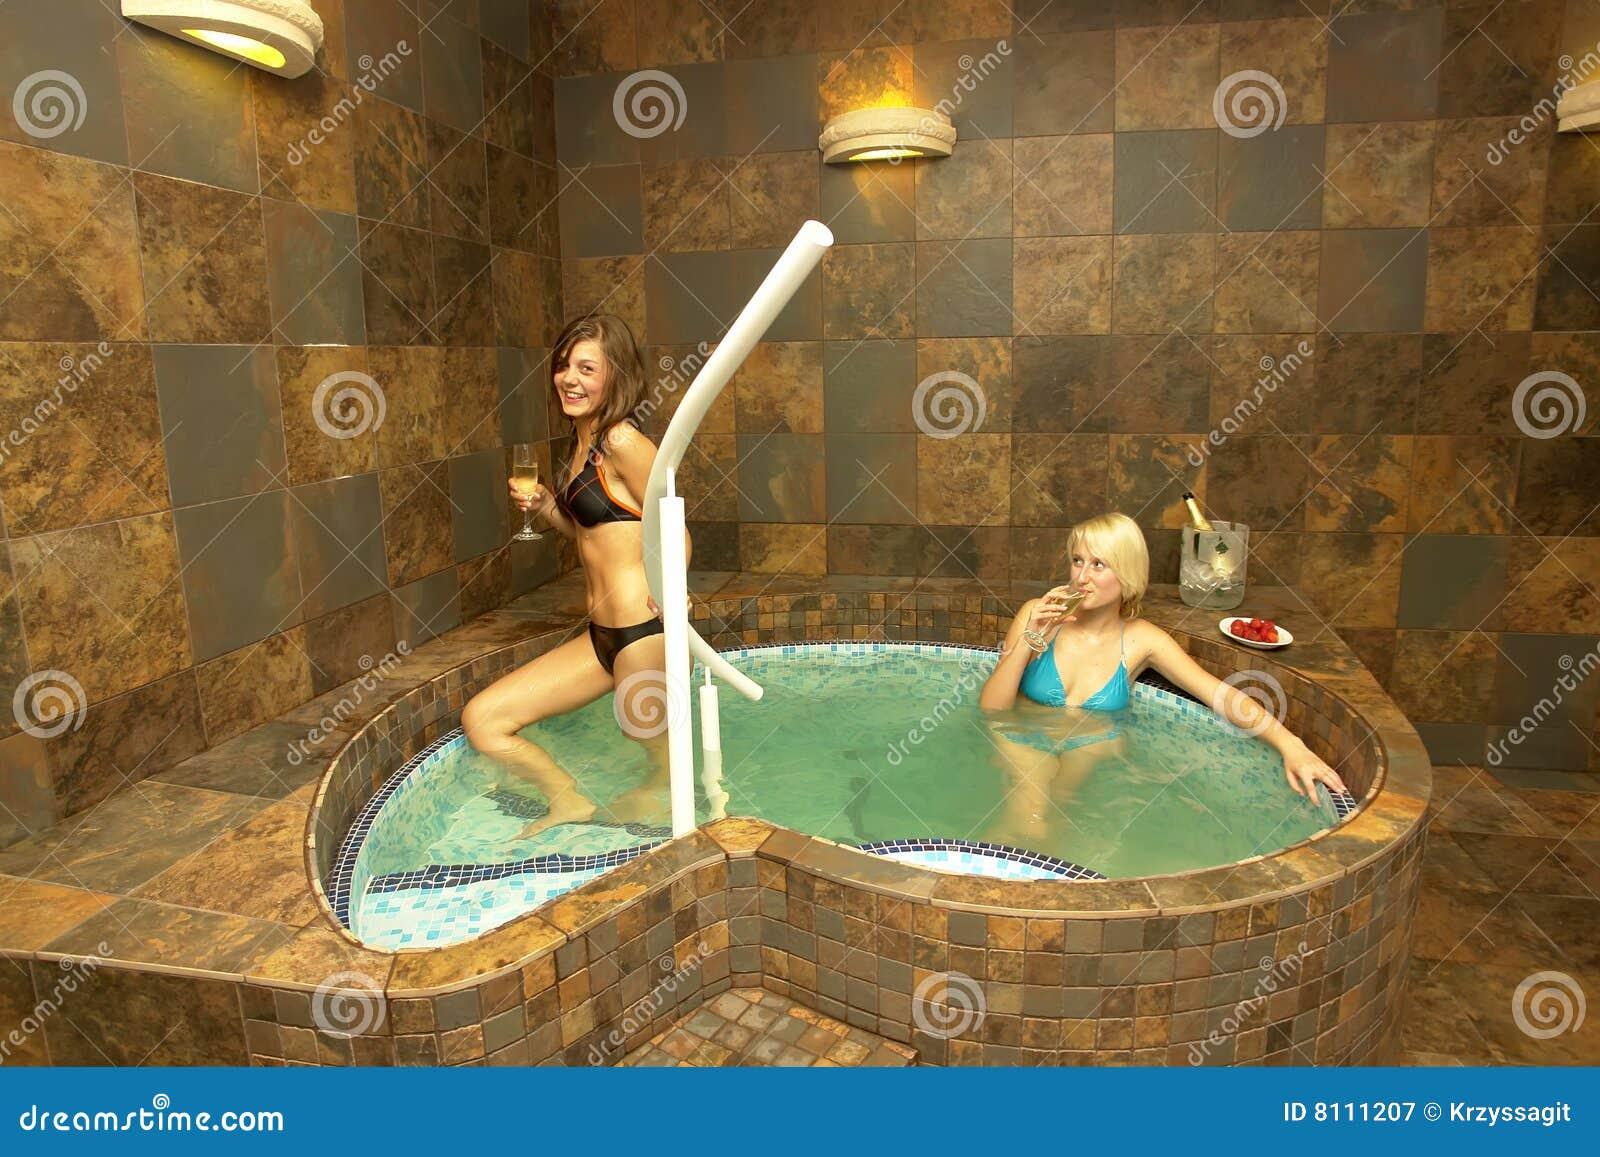 Fille de hot tub